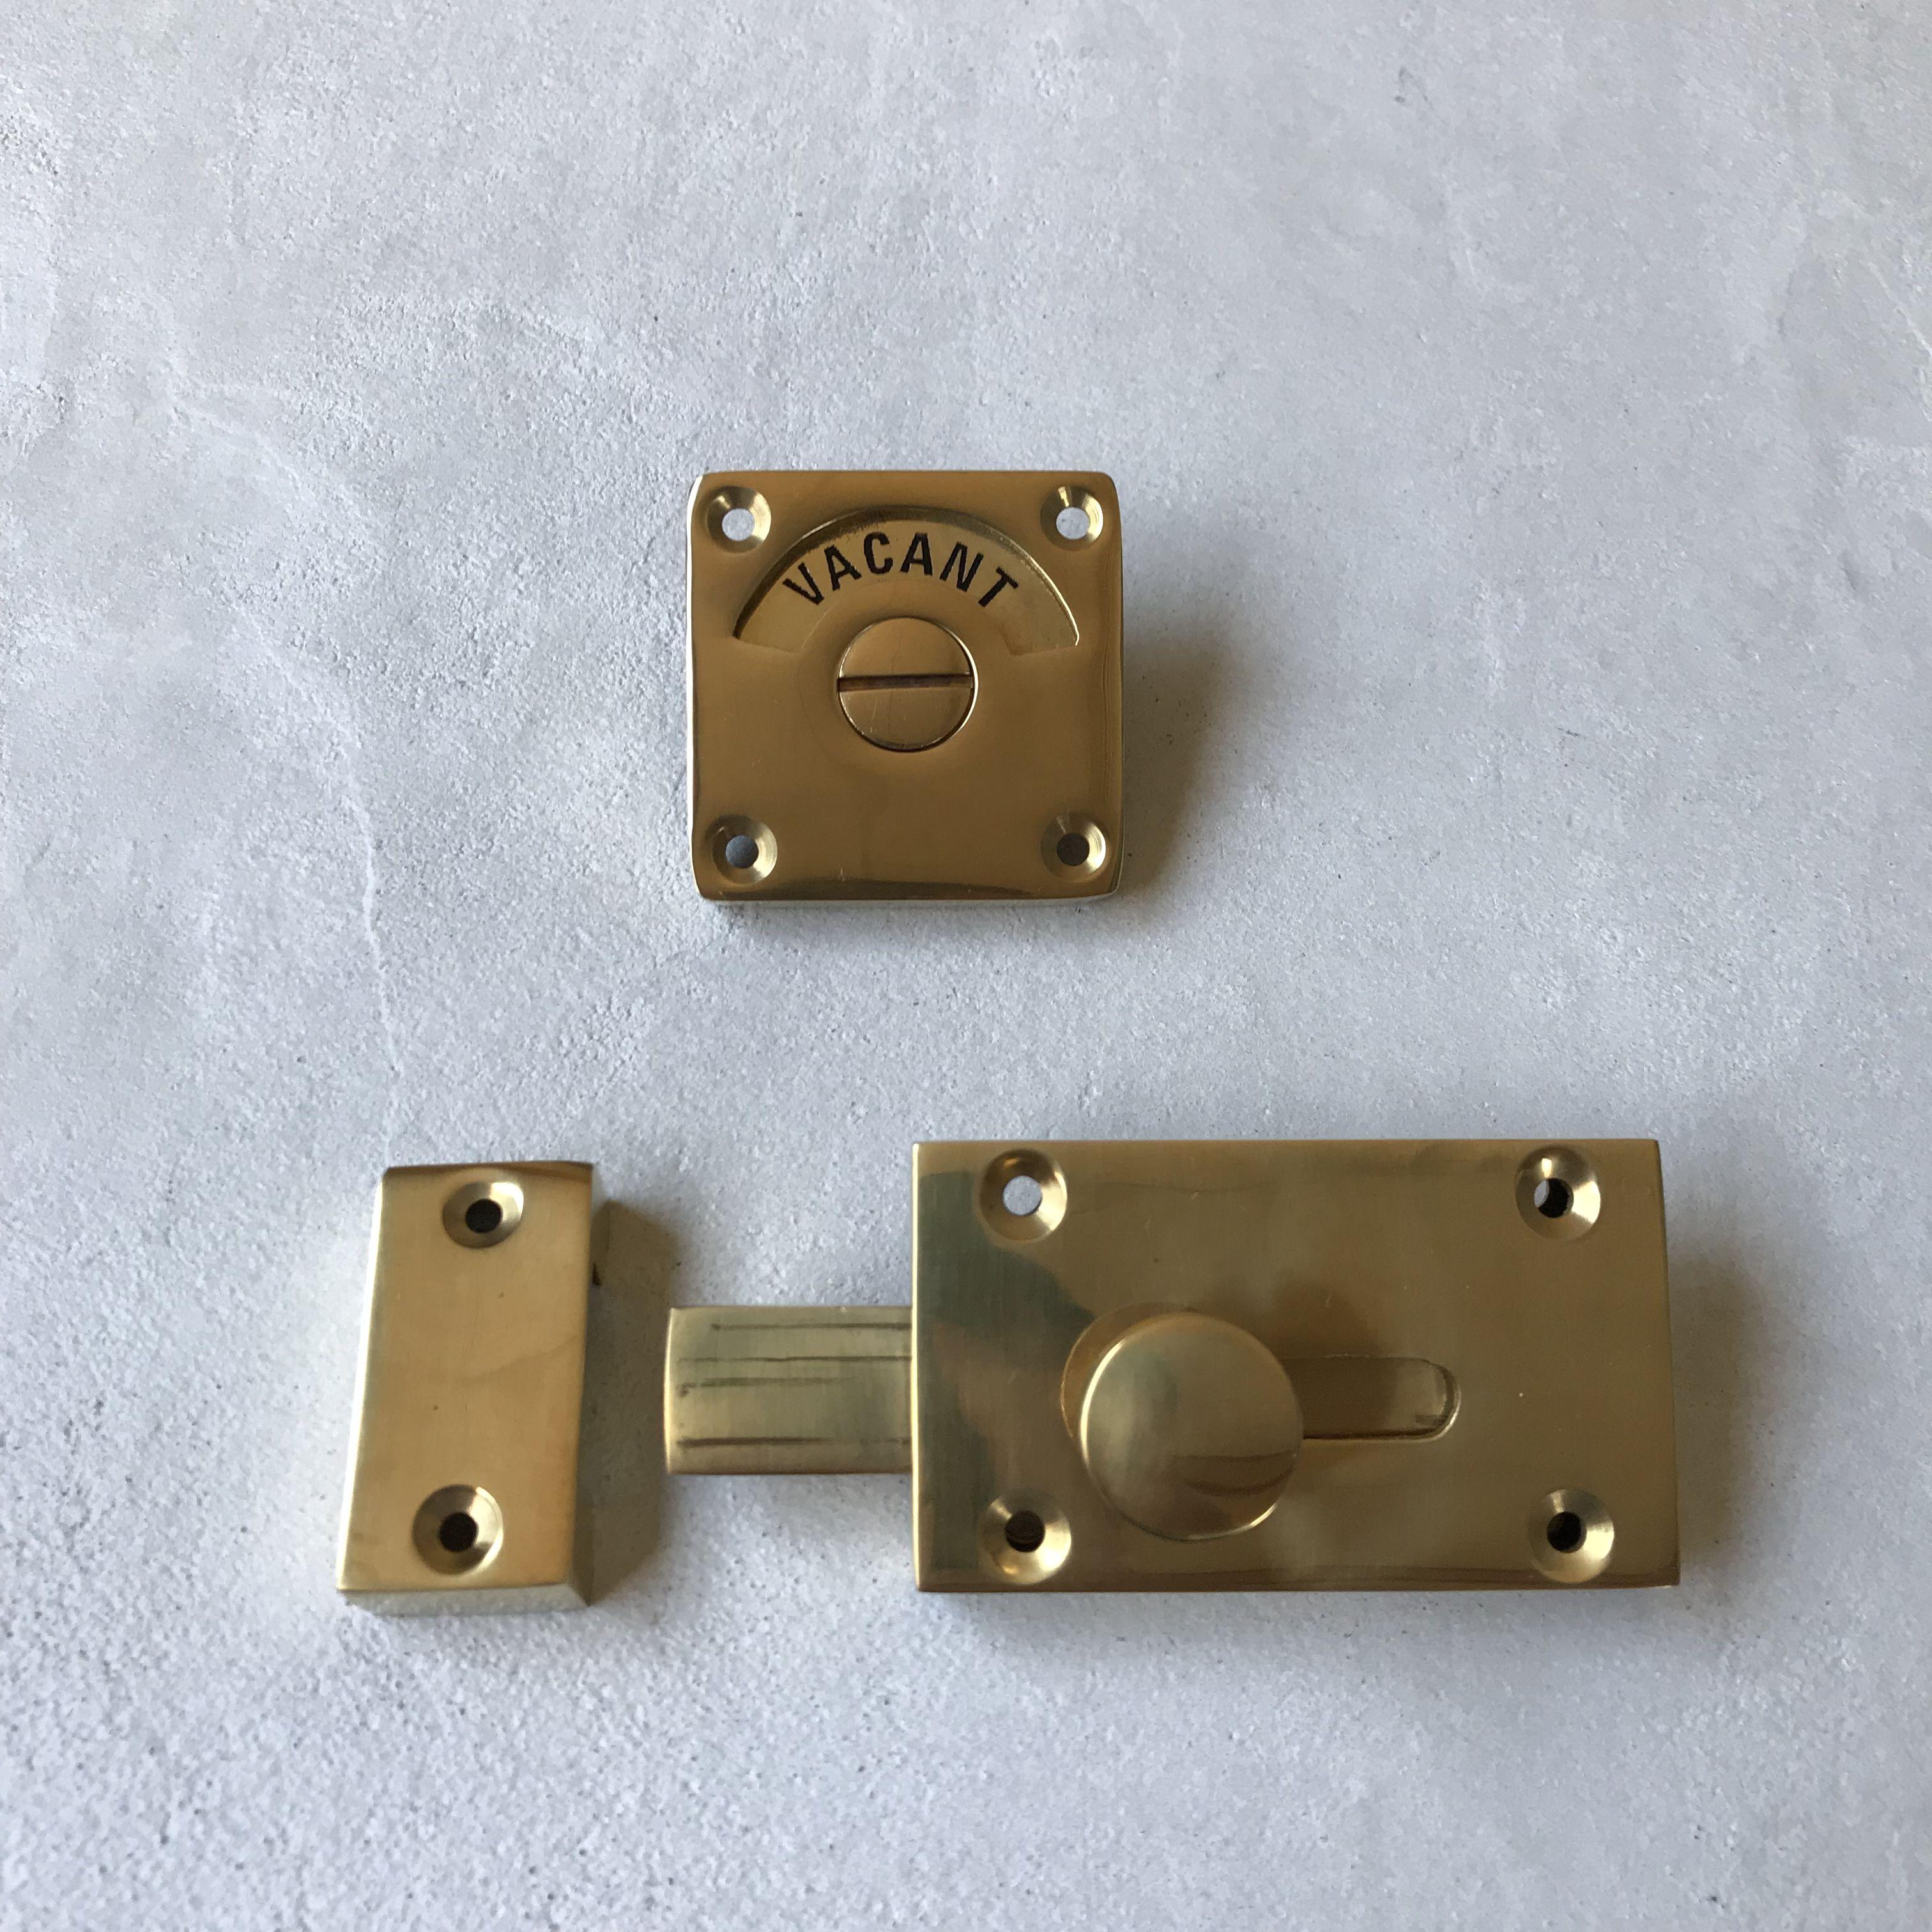 真鍮表示錠 Type1 ドアハンドル トイレ 表示 リビングドア